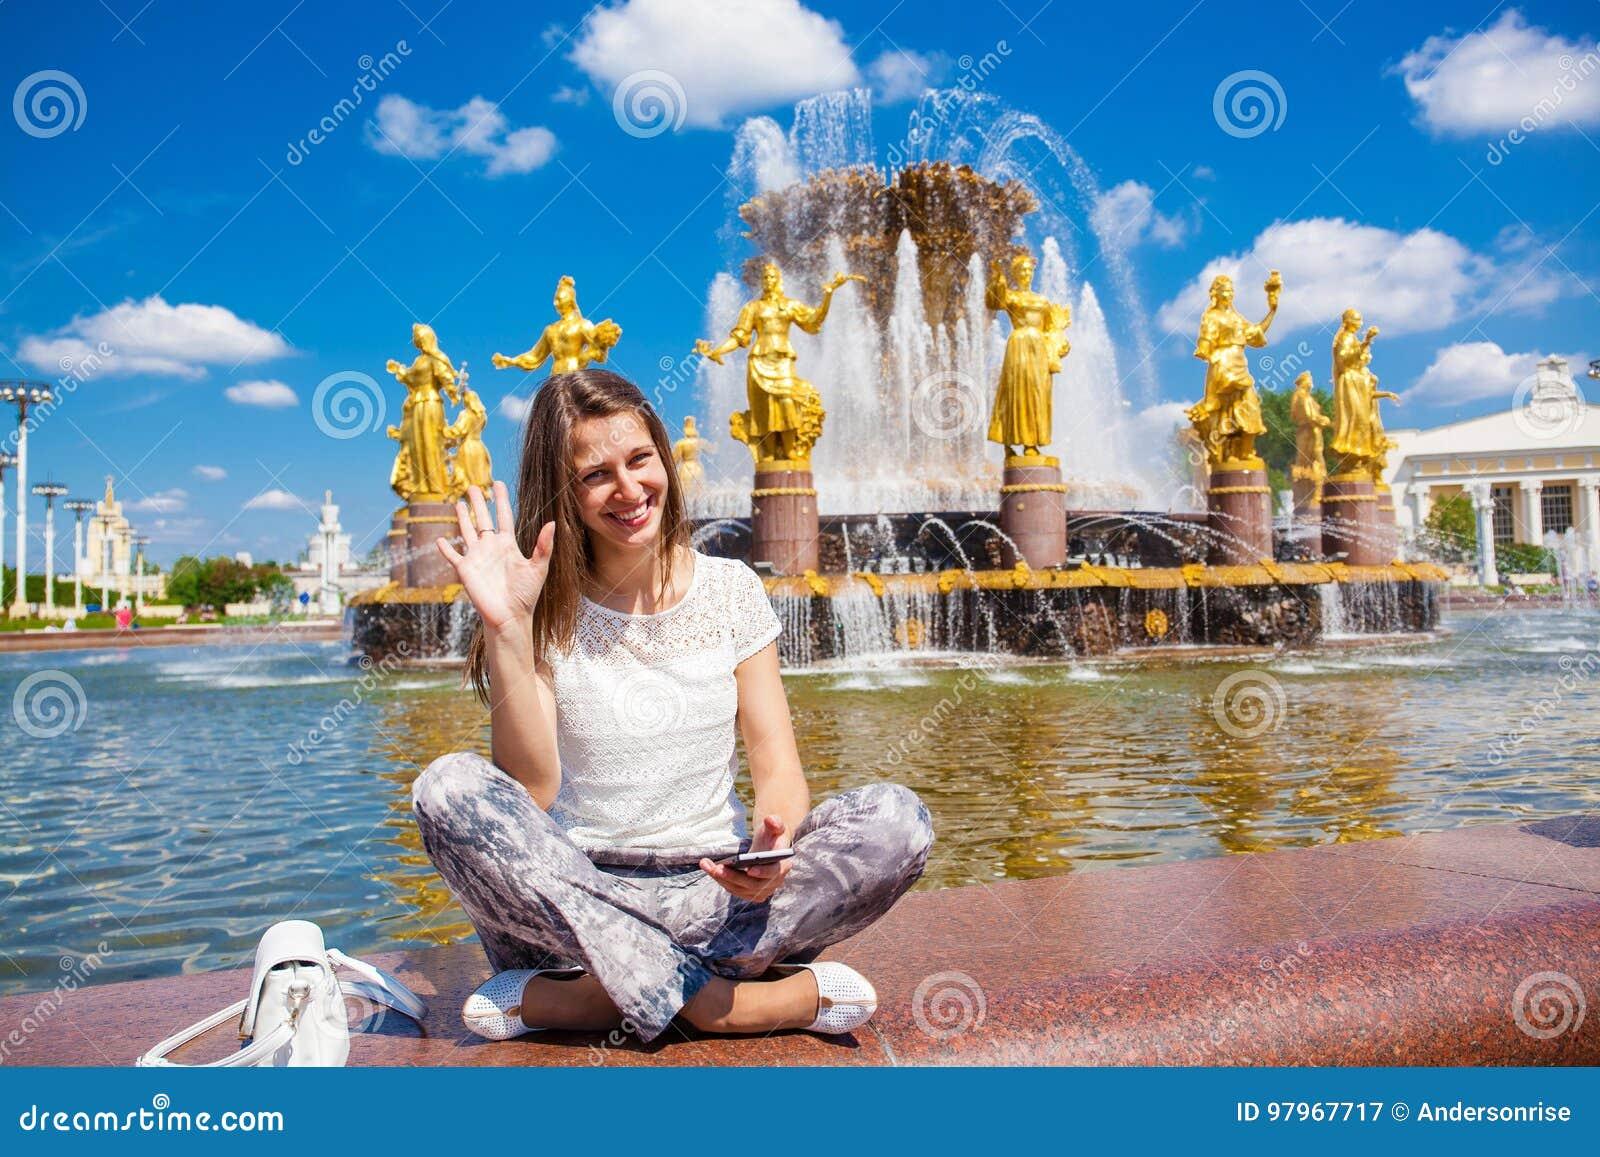 La mujer hermosa joven tiene un resto que se sienta cerca de la fuente